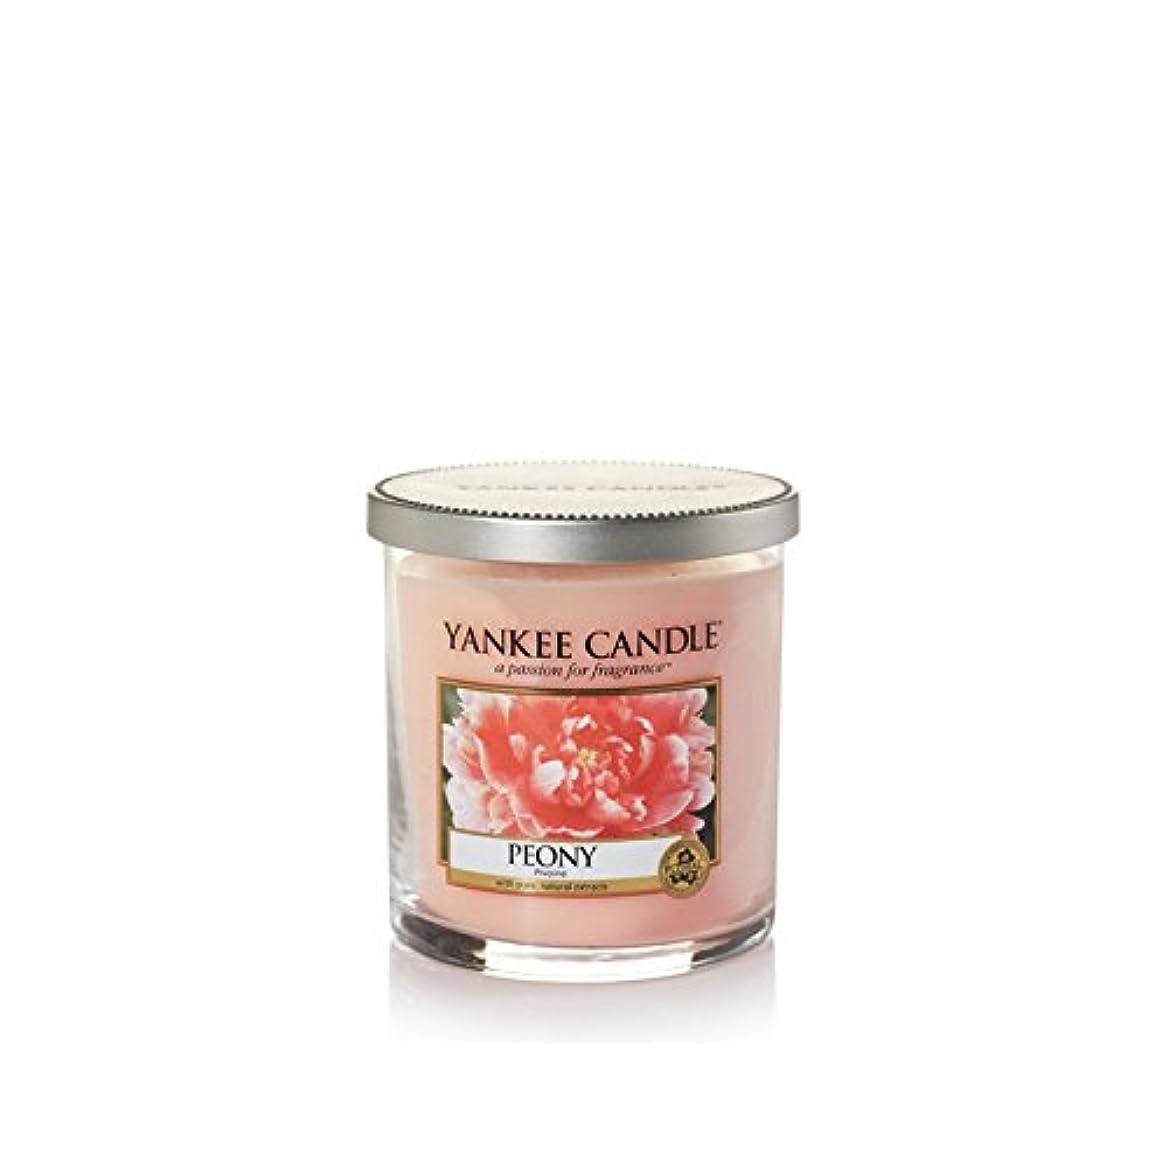 汚す相互接続ケントYankee Candles Small Pillar Candle - Peony (Pack of 6) - ヤンキーキャンドルの小さな柱キャンドル - 牡丹 (x6) [並行輸入品]